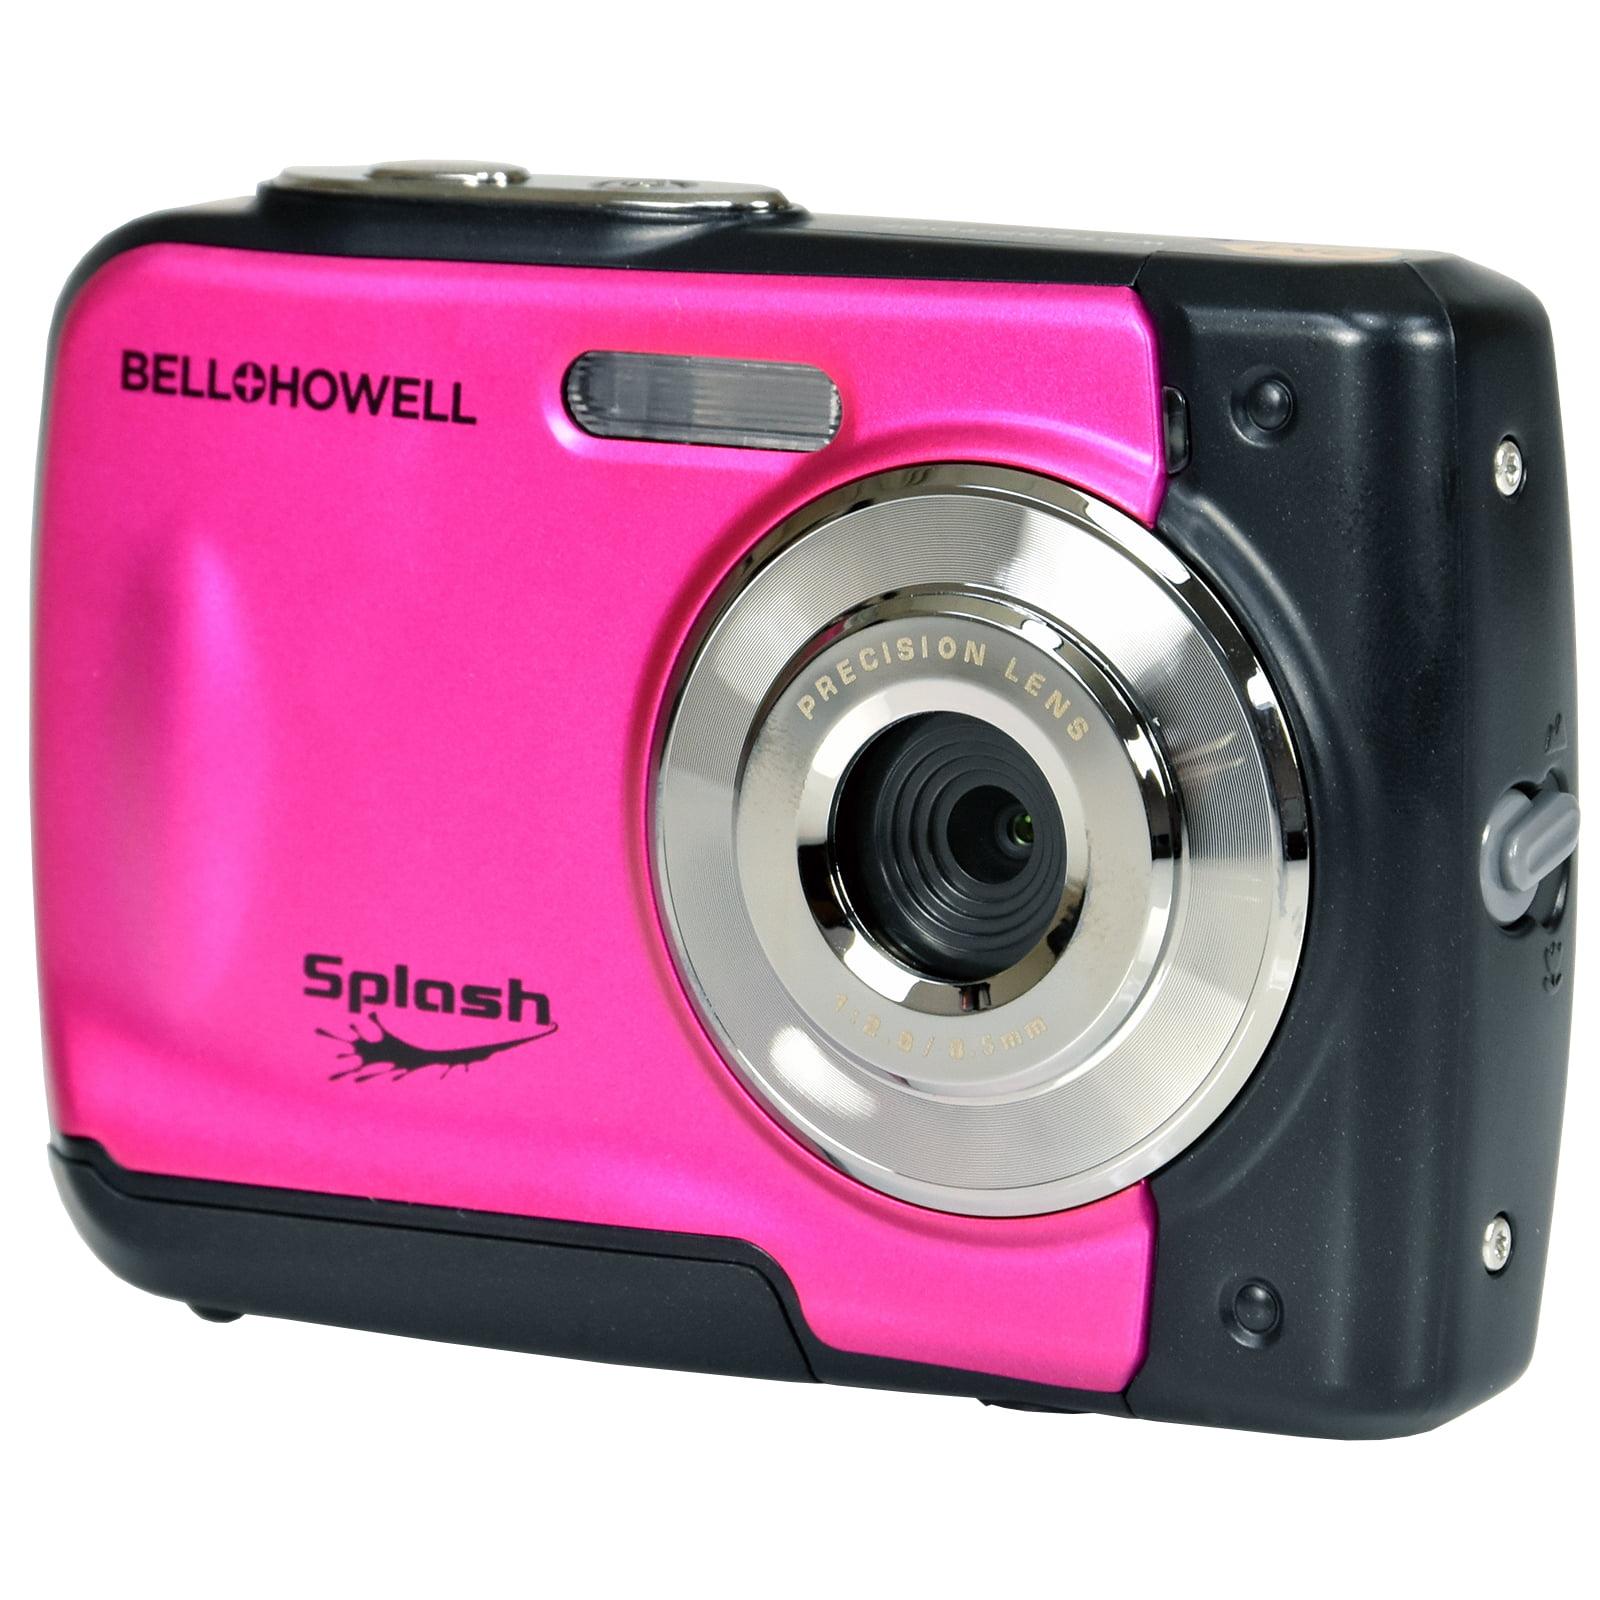 Bell + Howell Splash WP10 Shock + Waterproof Digital Camera (Pink)